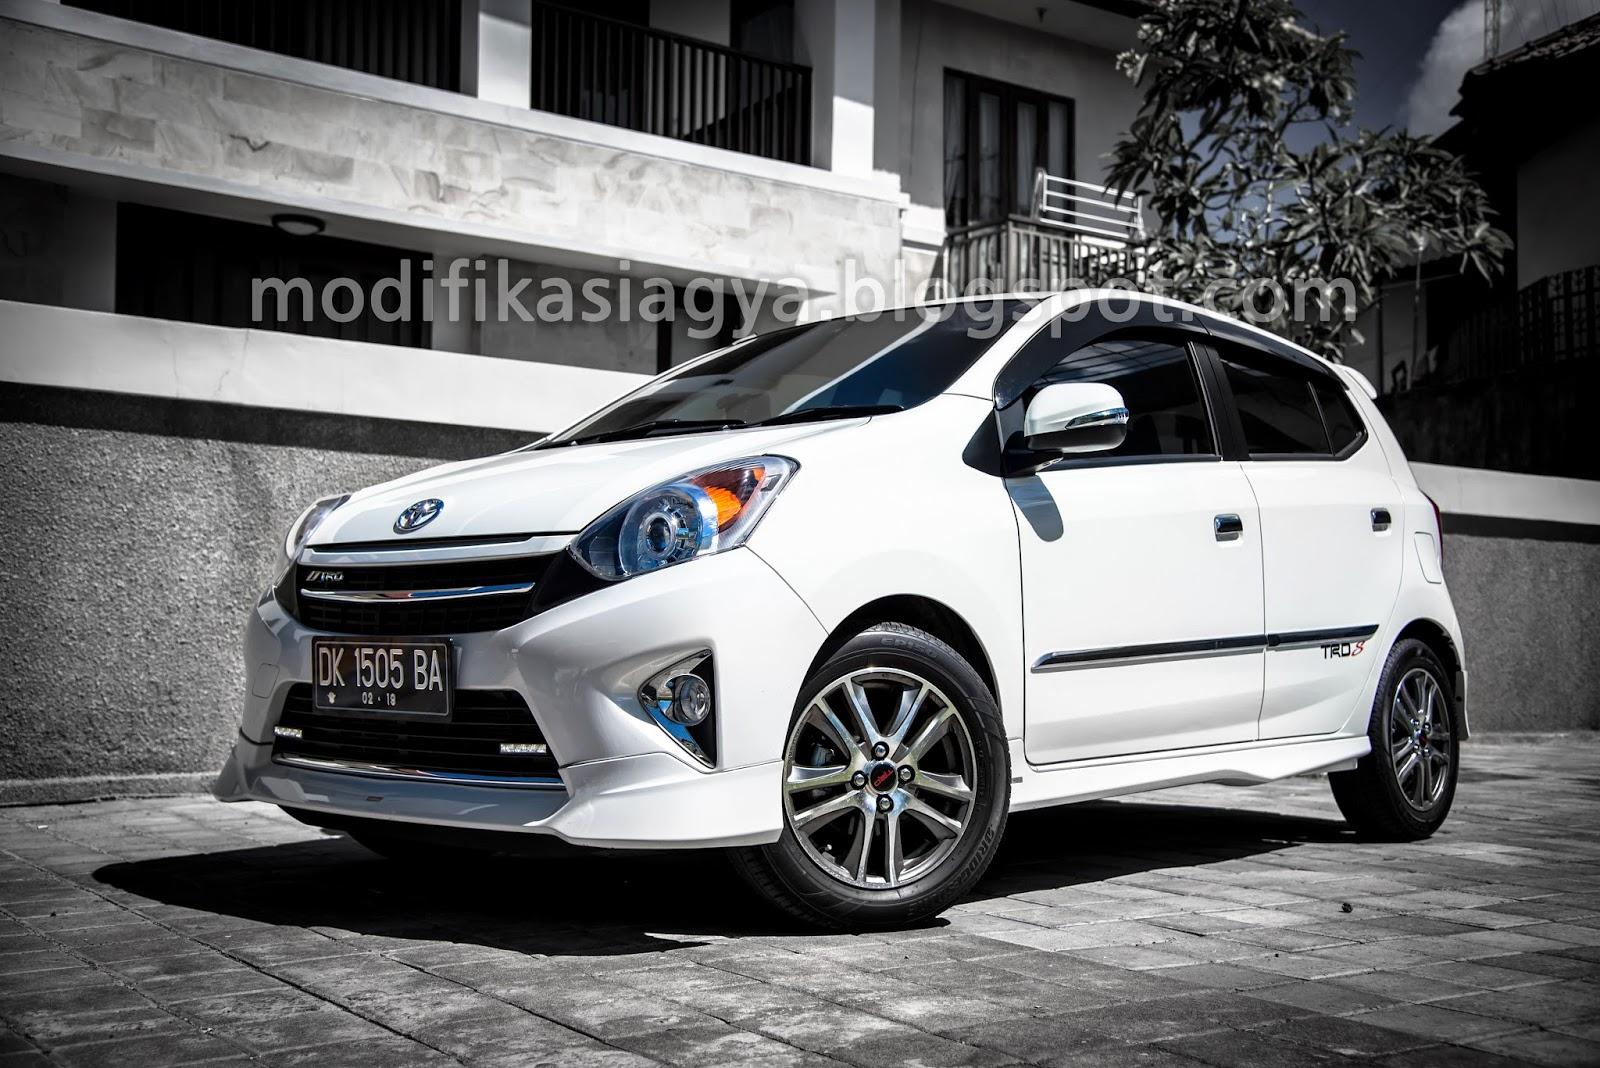 Toyota Yaris Trd Sportivo 2014 New Agya Matic Modifikasi Agya: Ganti Velg Dan Ban